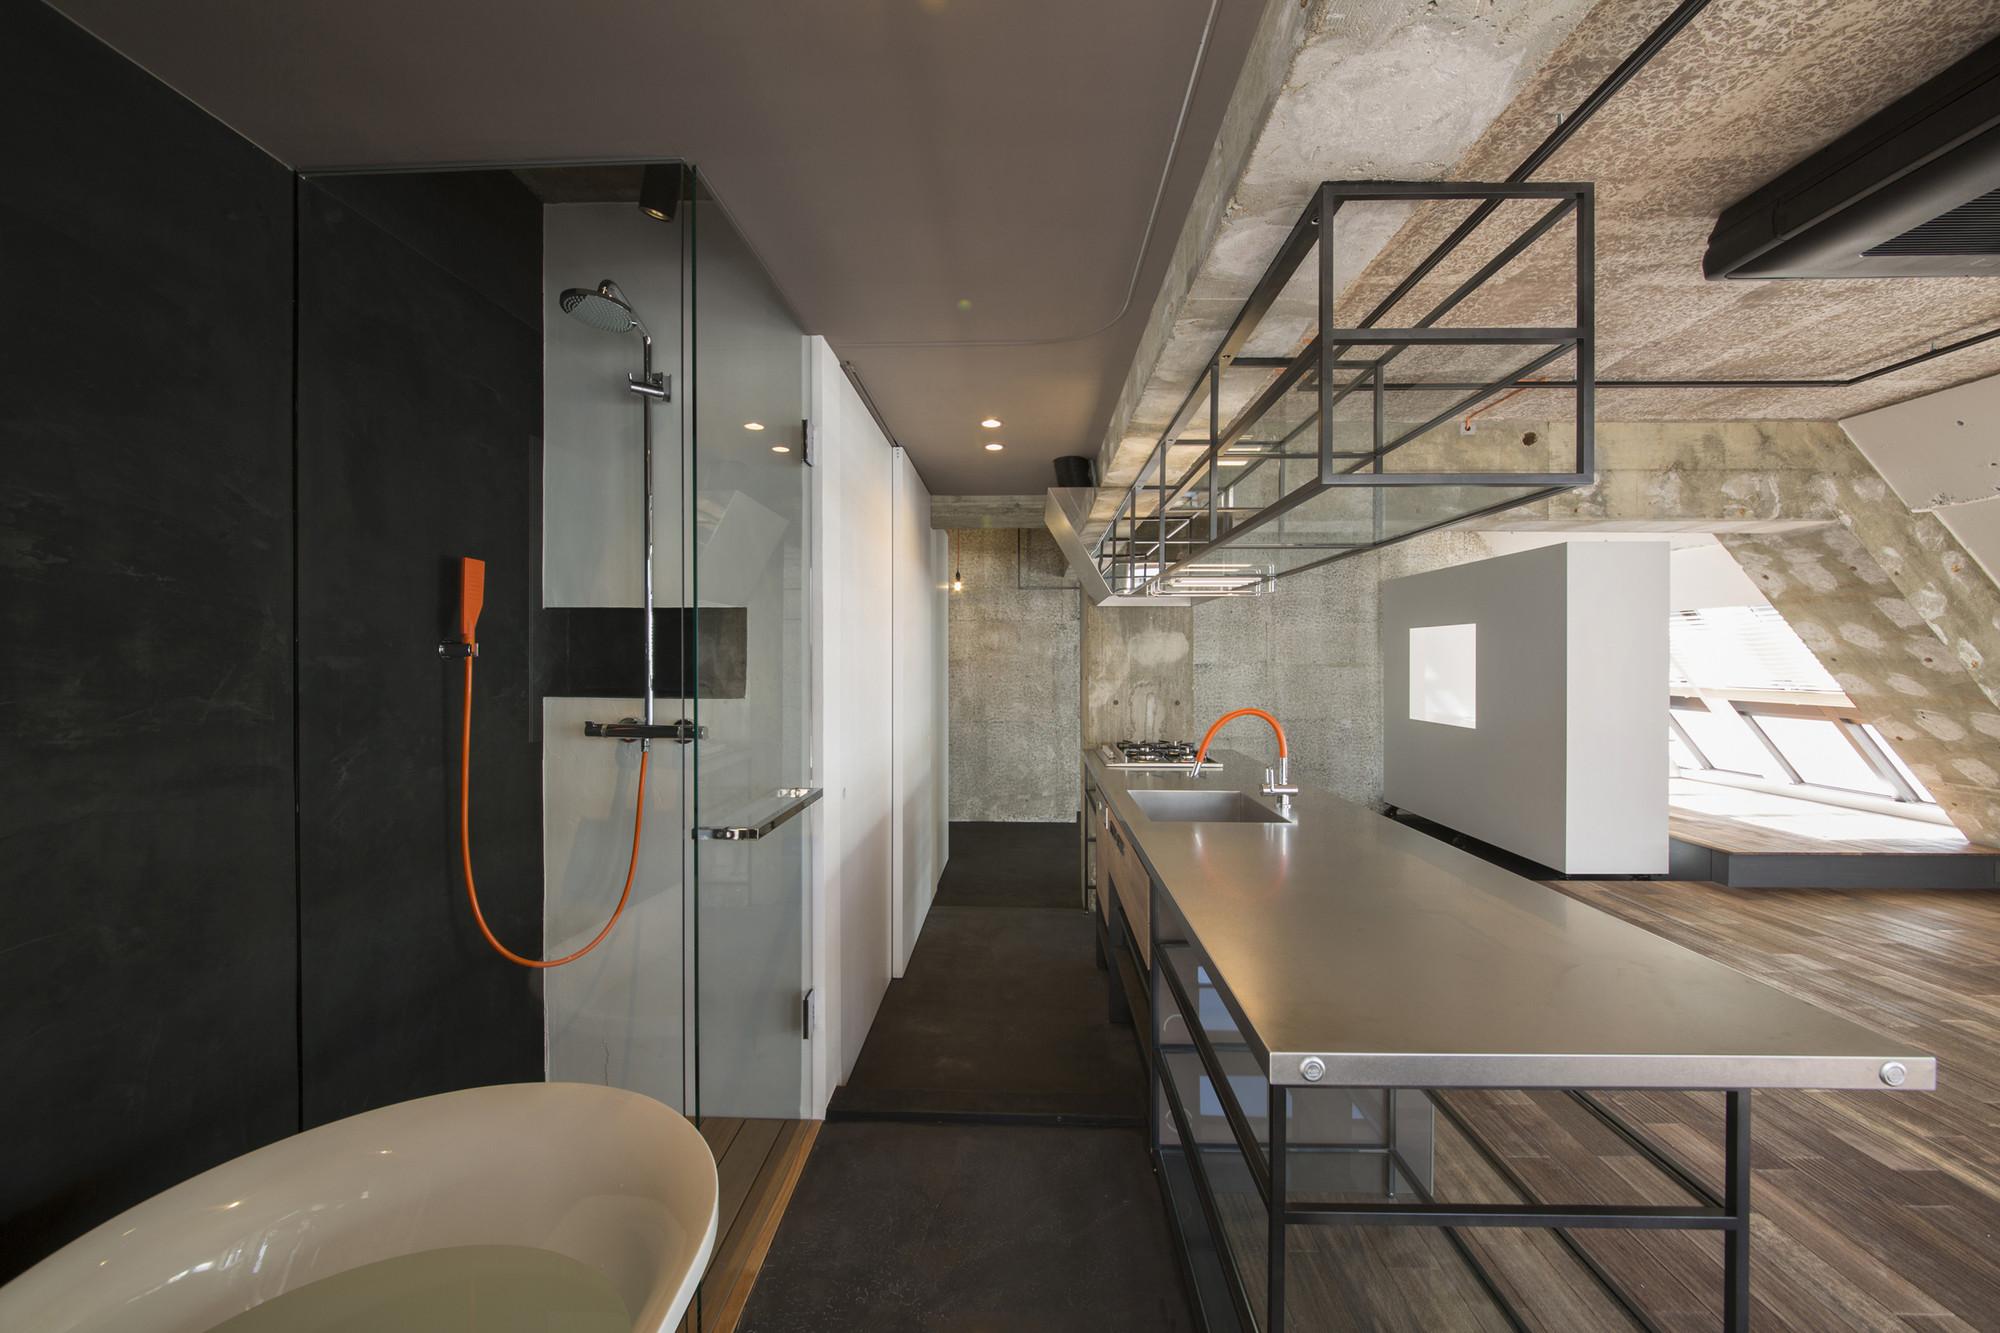 Loft Tokio / G architects, © Katsumi Hirabayashi